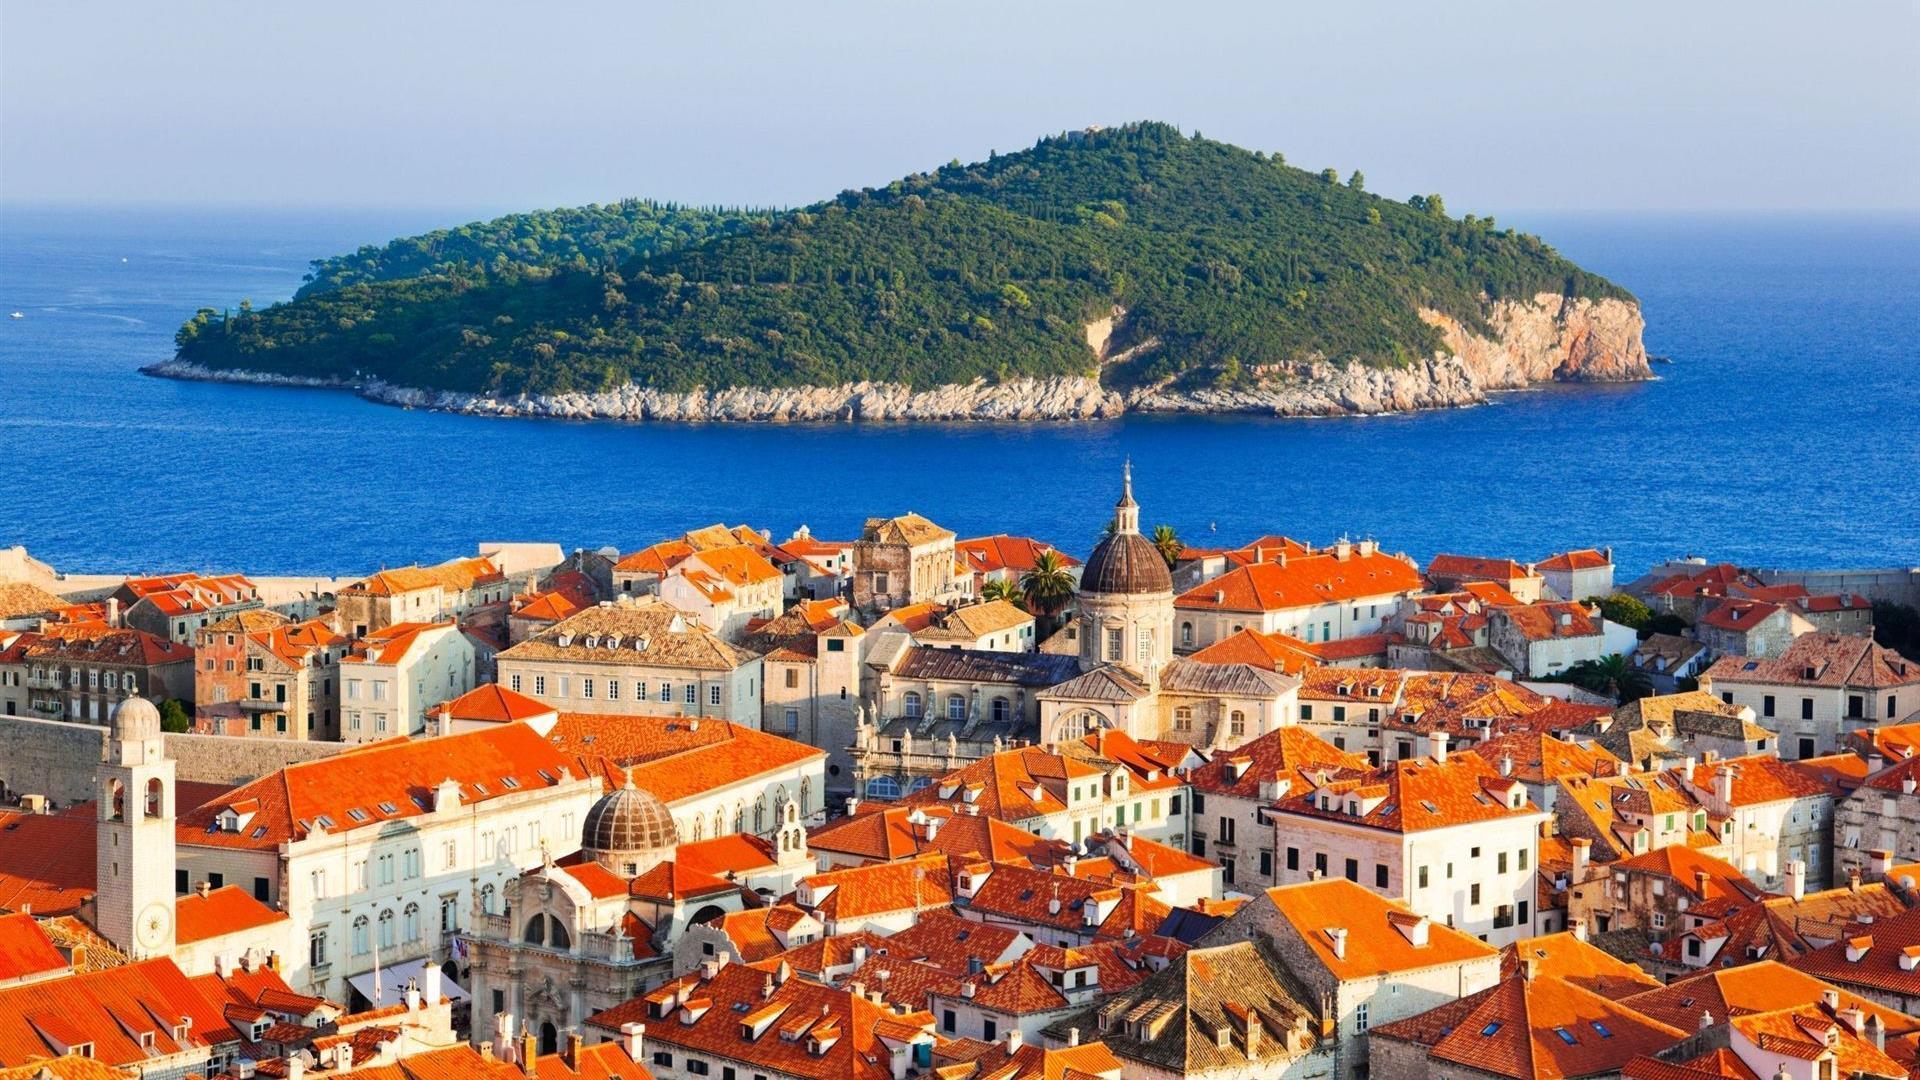 Visitar Dubrovnik en invierno puede ser una buena idea